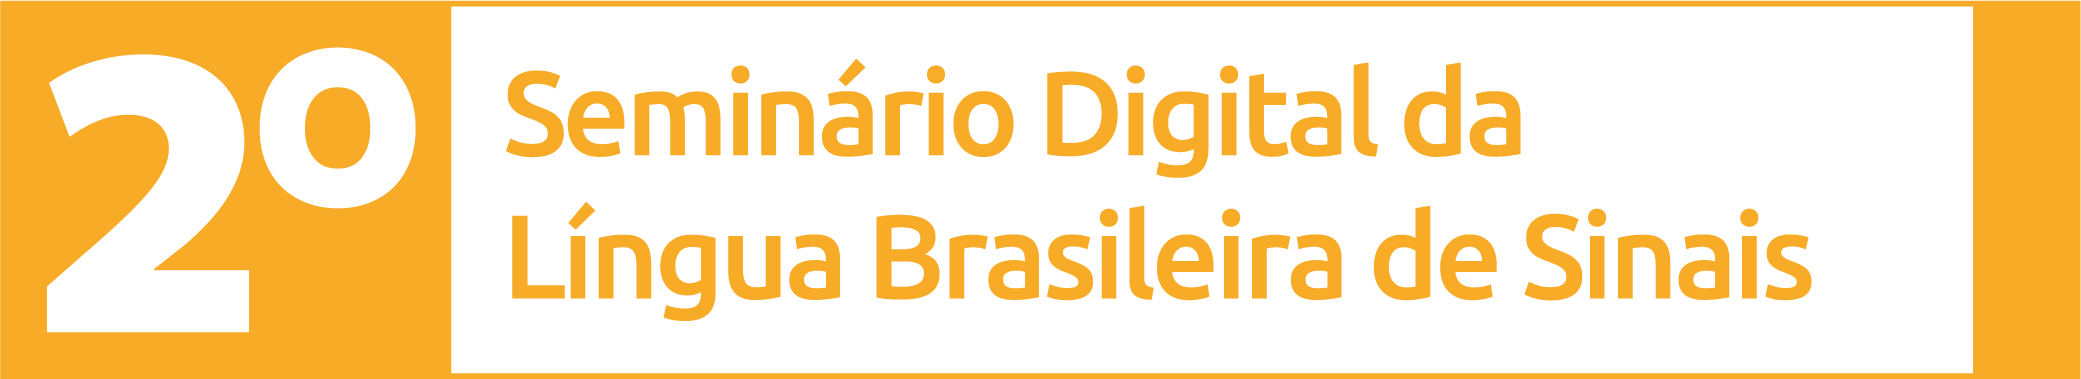 2 Seminario Digital da Língua Brasileira de Sinais